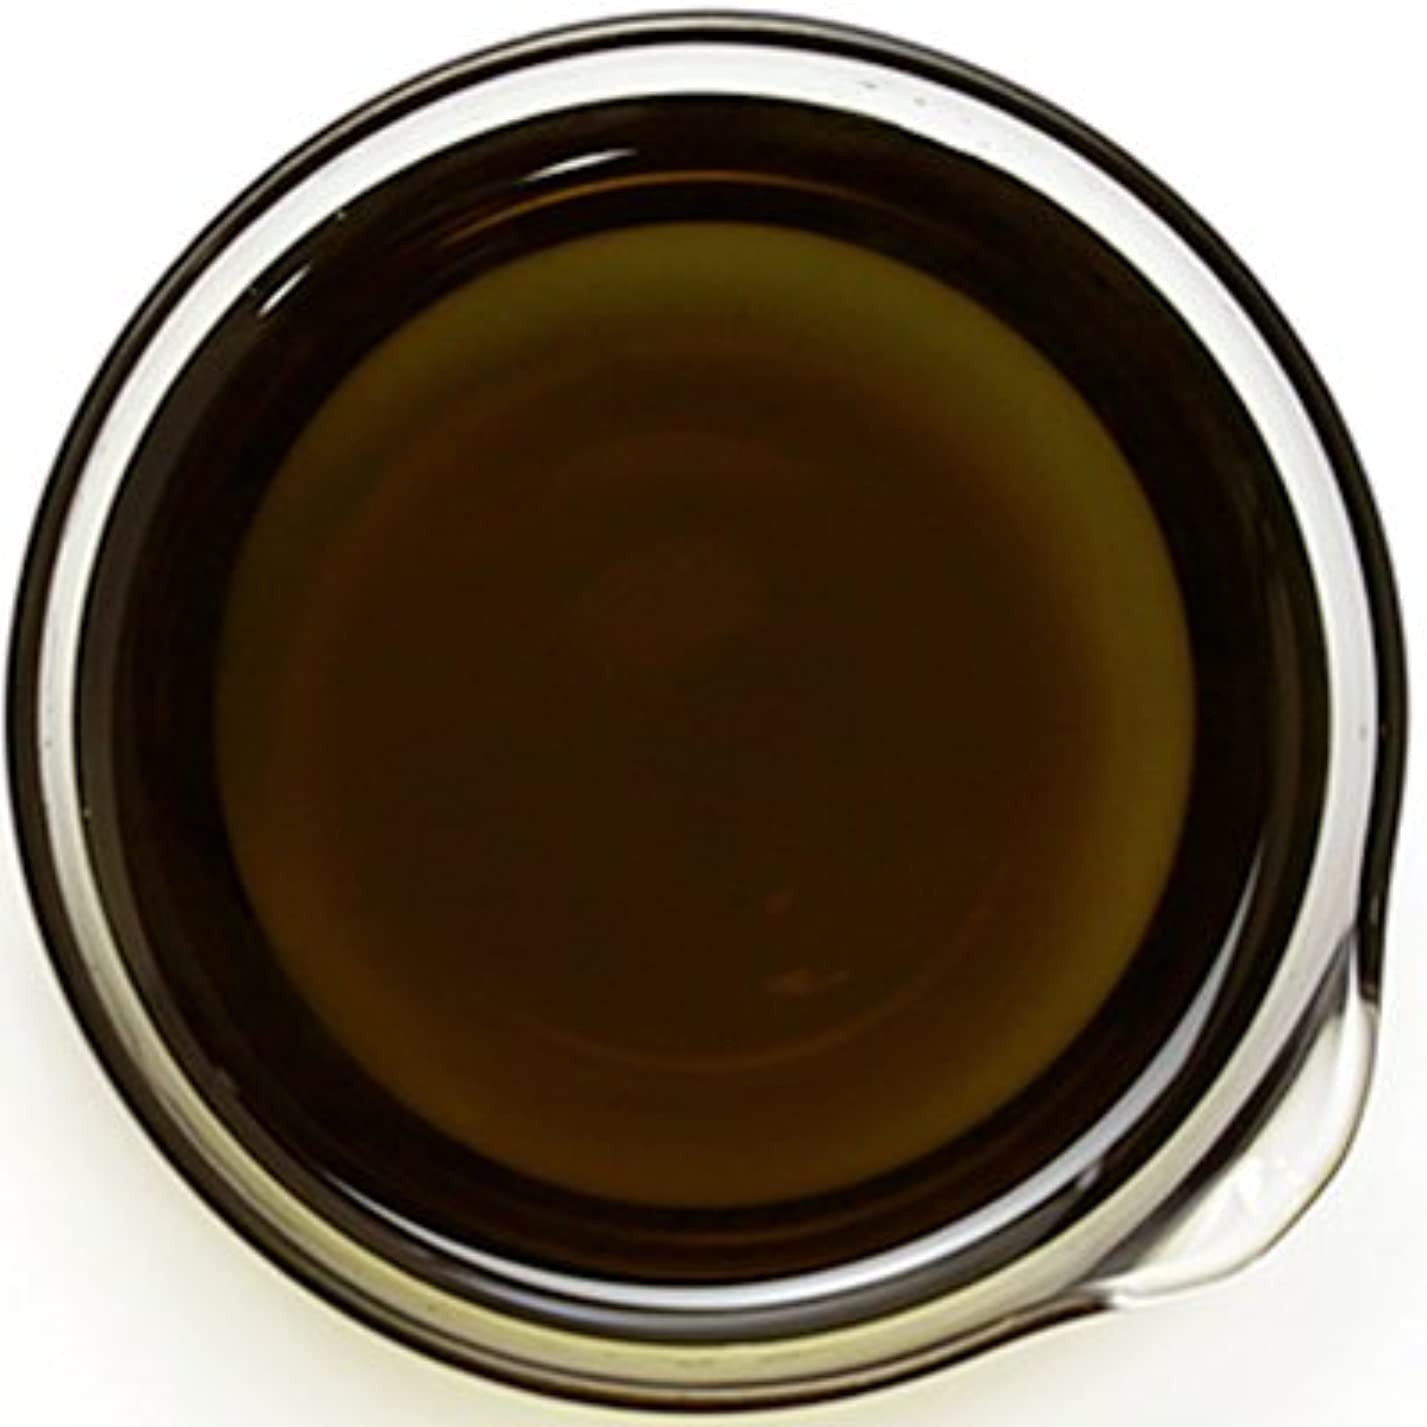 見分けるエロチックなぞらえるオーガニック ヘンプシードオイル 1L 【麻種子油/手作りコスメ/美容オイル/キャリアオイル/マッサージオイル】【birth】